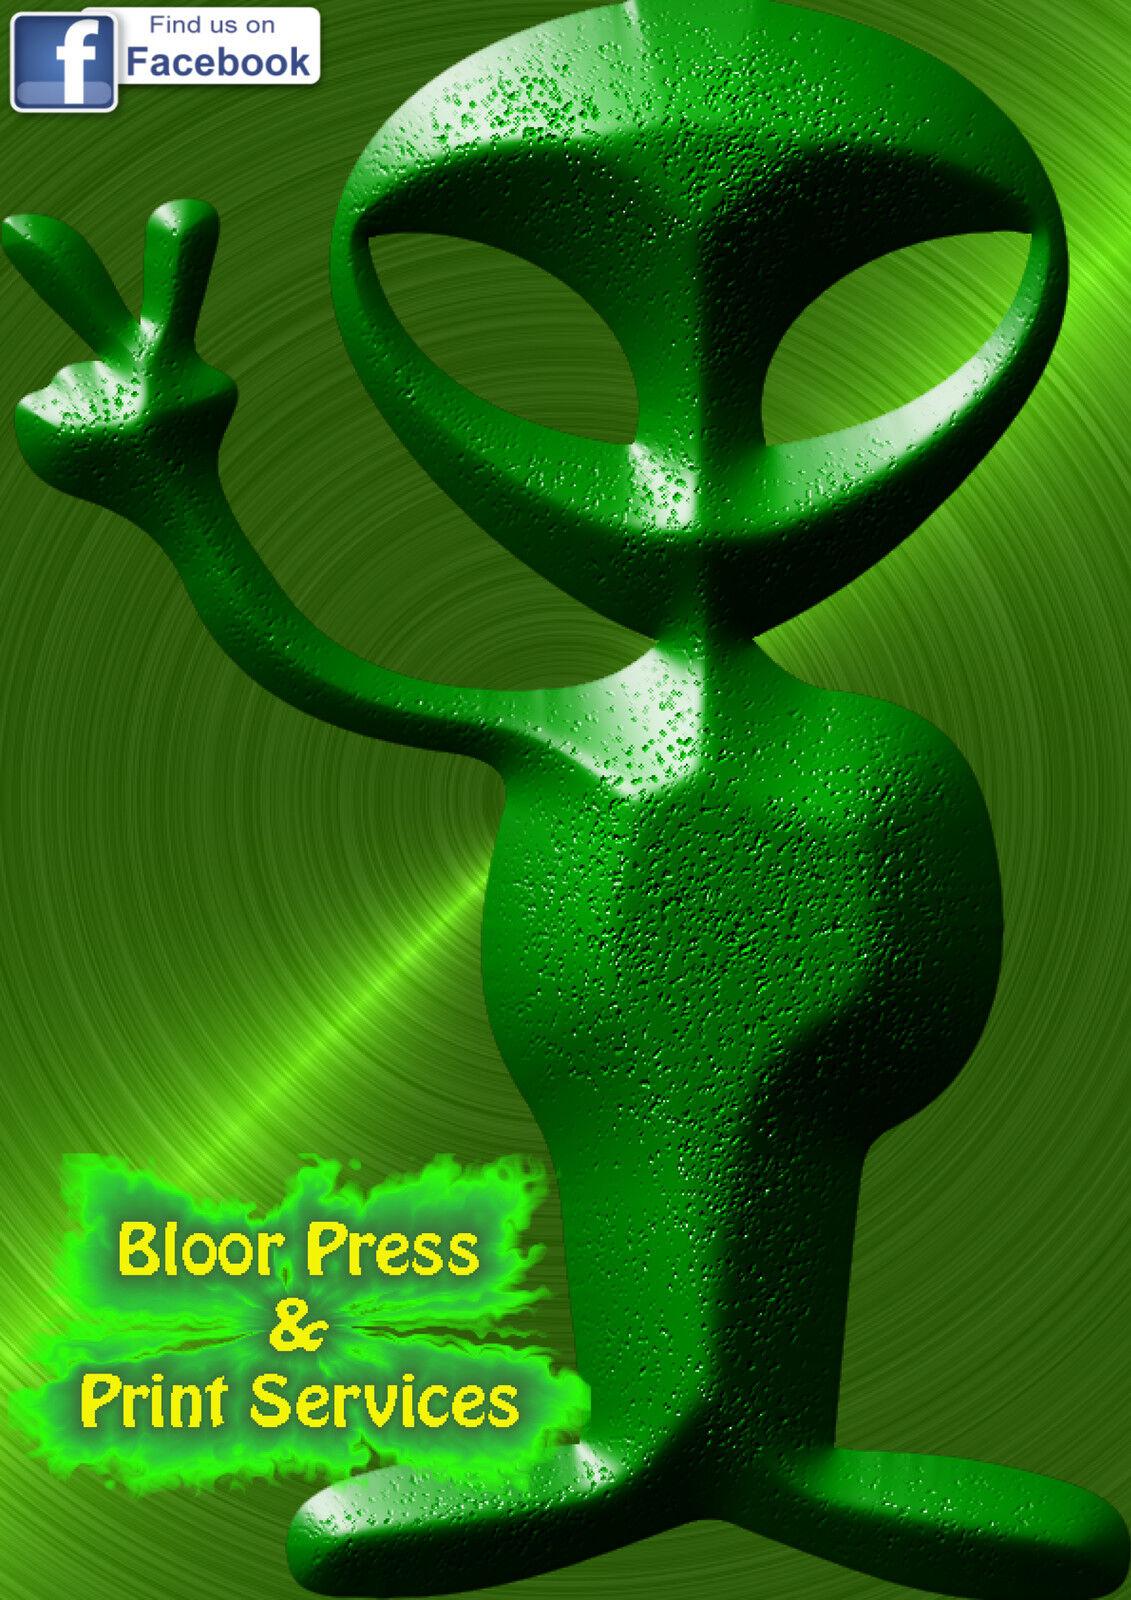 Bloor Press & Print